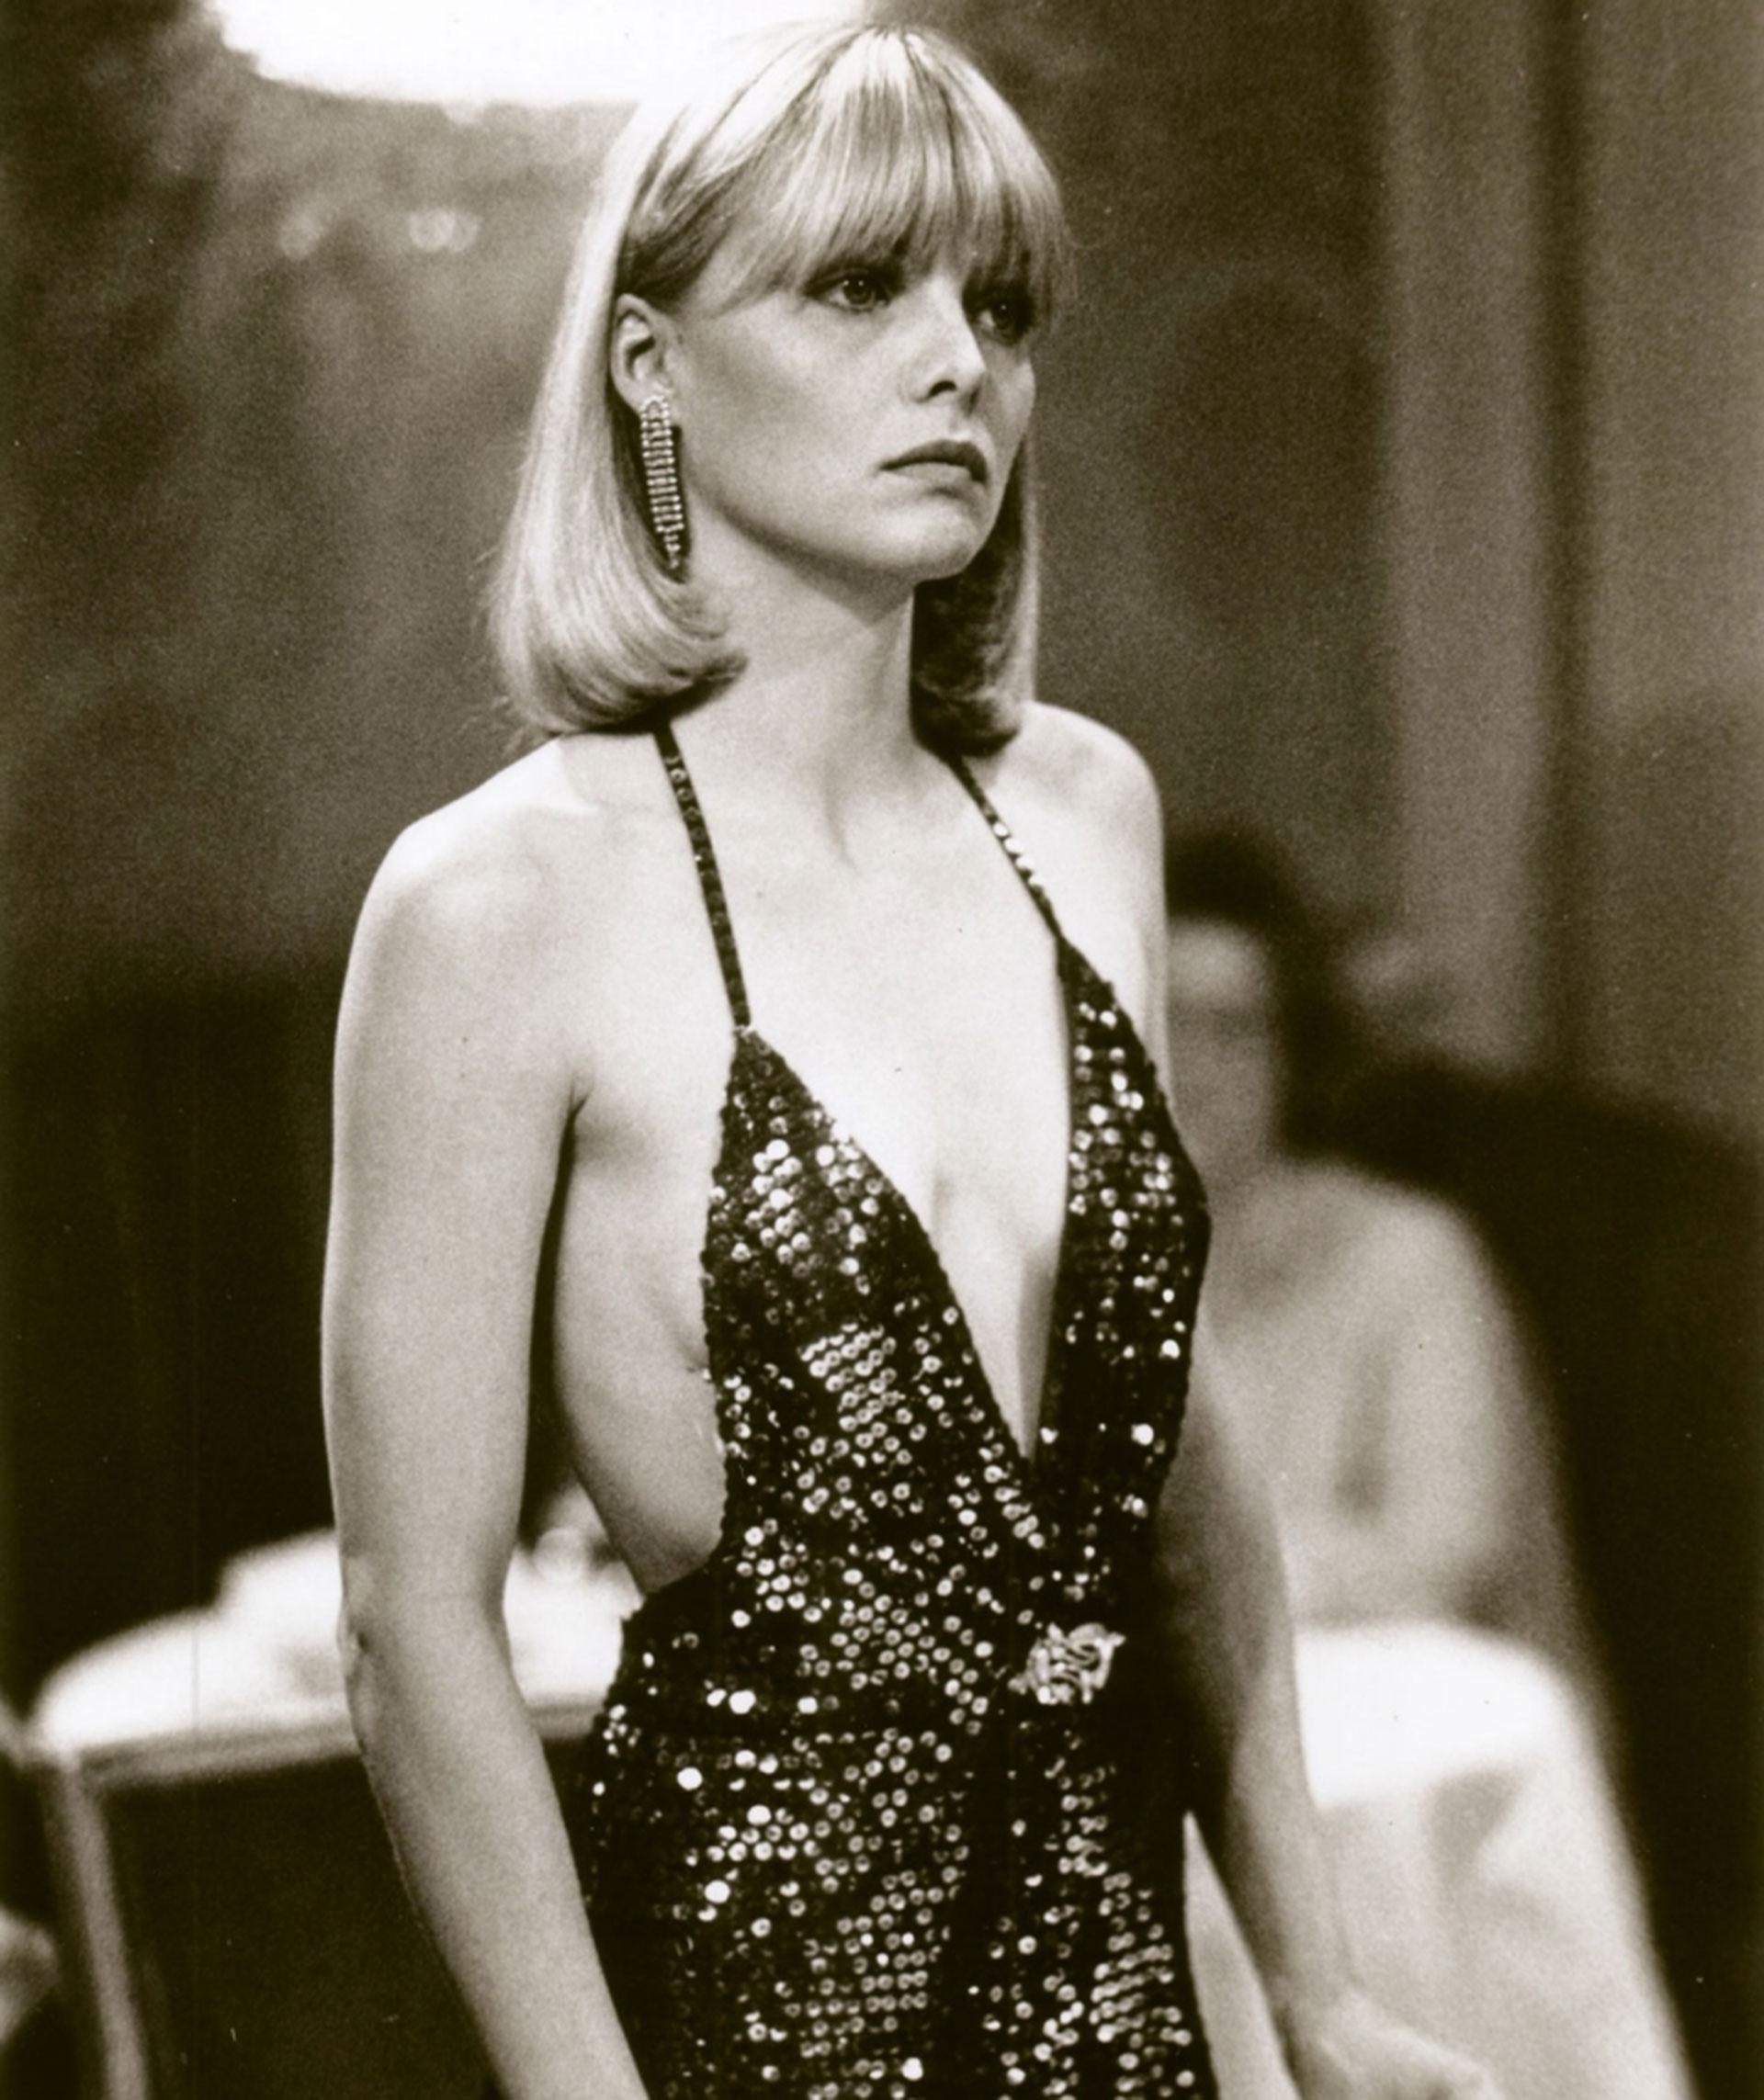 """El look de Michelle que se puso en la piel de Elvira Hancook la película """"Sarface"""" filmada en 1983. Su vestimenta fue un icono en el filme"""